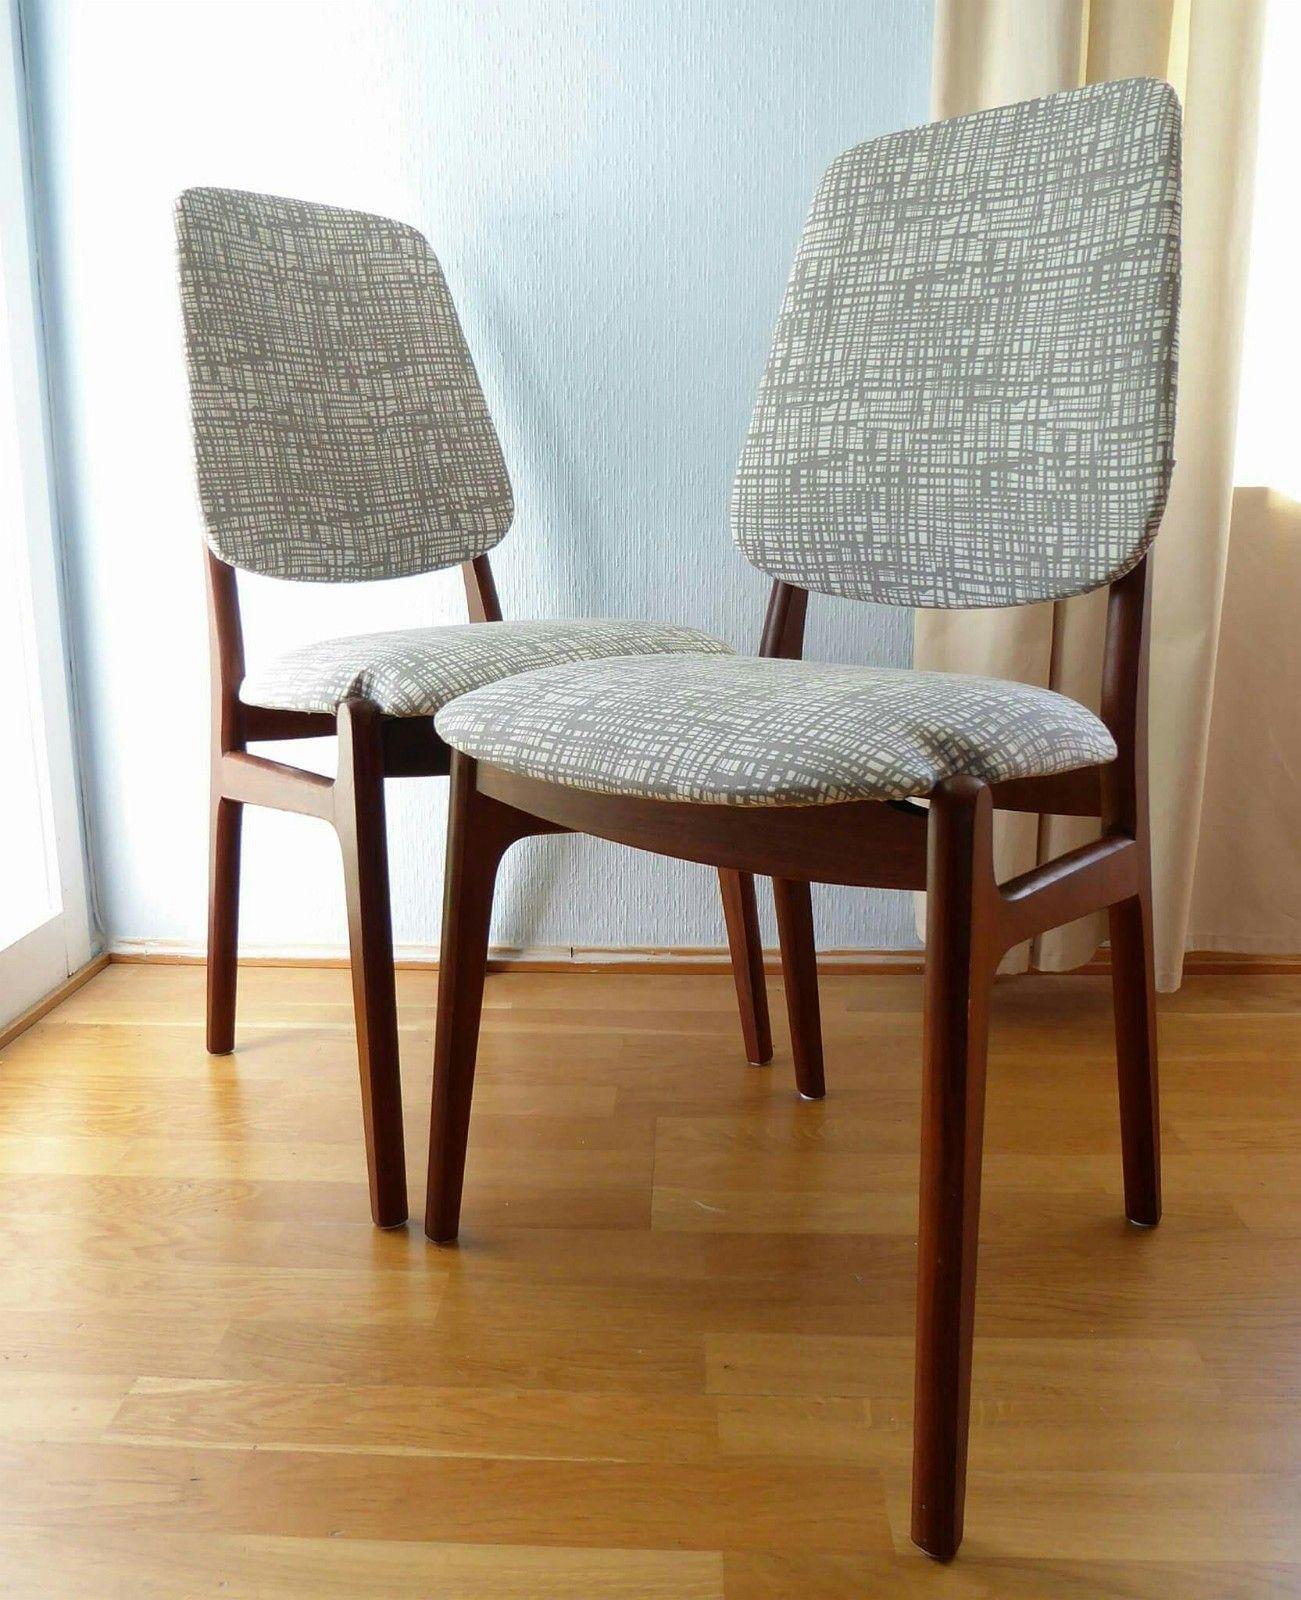 retro stol FINN – Retro stol i teak | retro furniture | Pinterest | Retro  retro stol